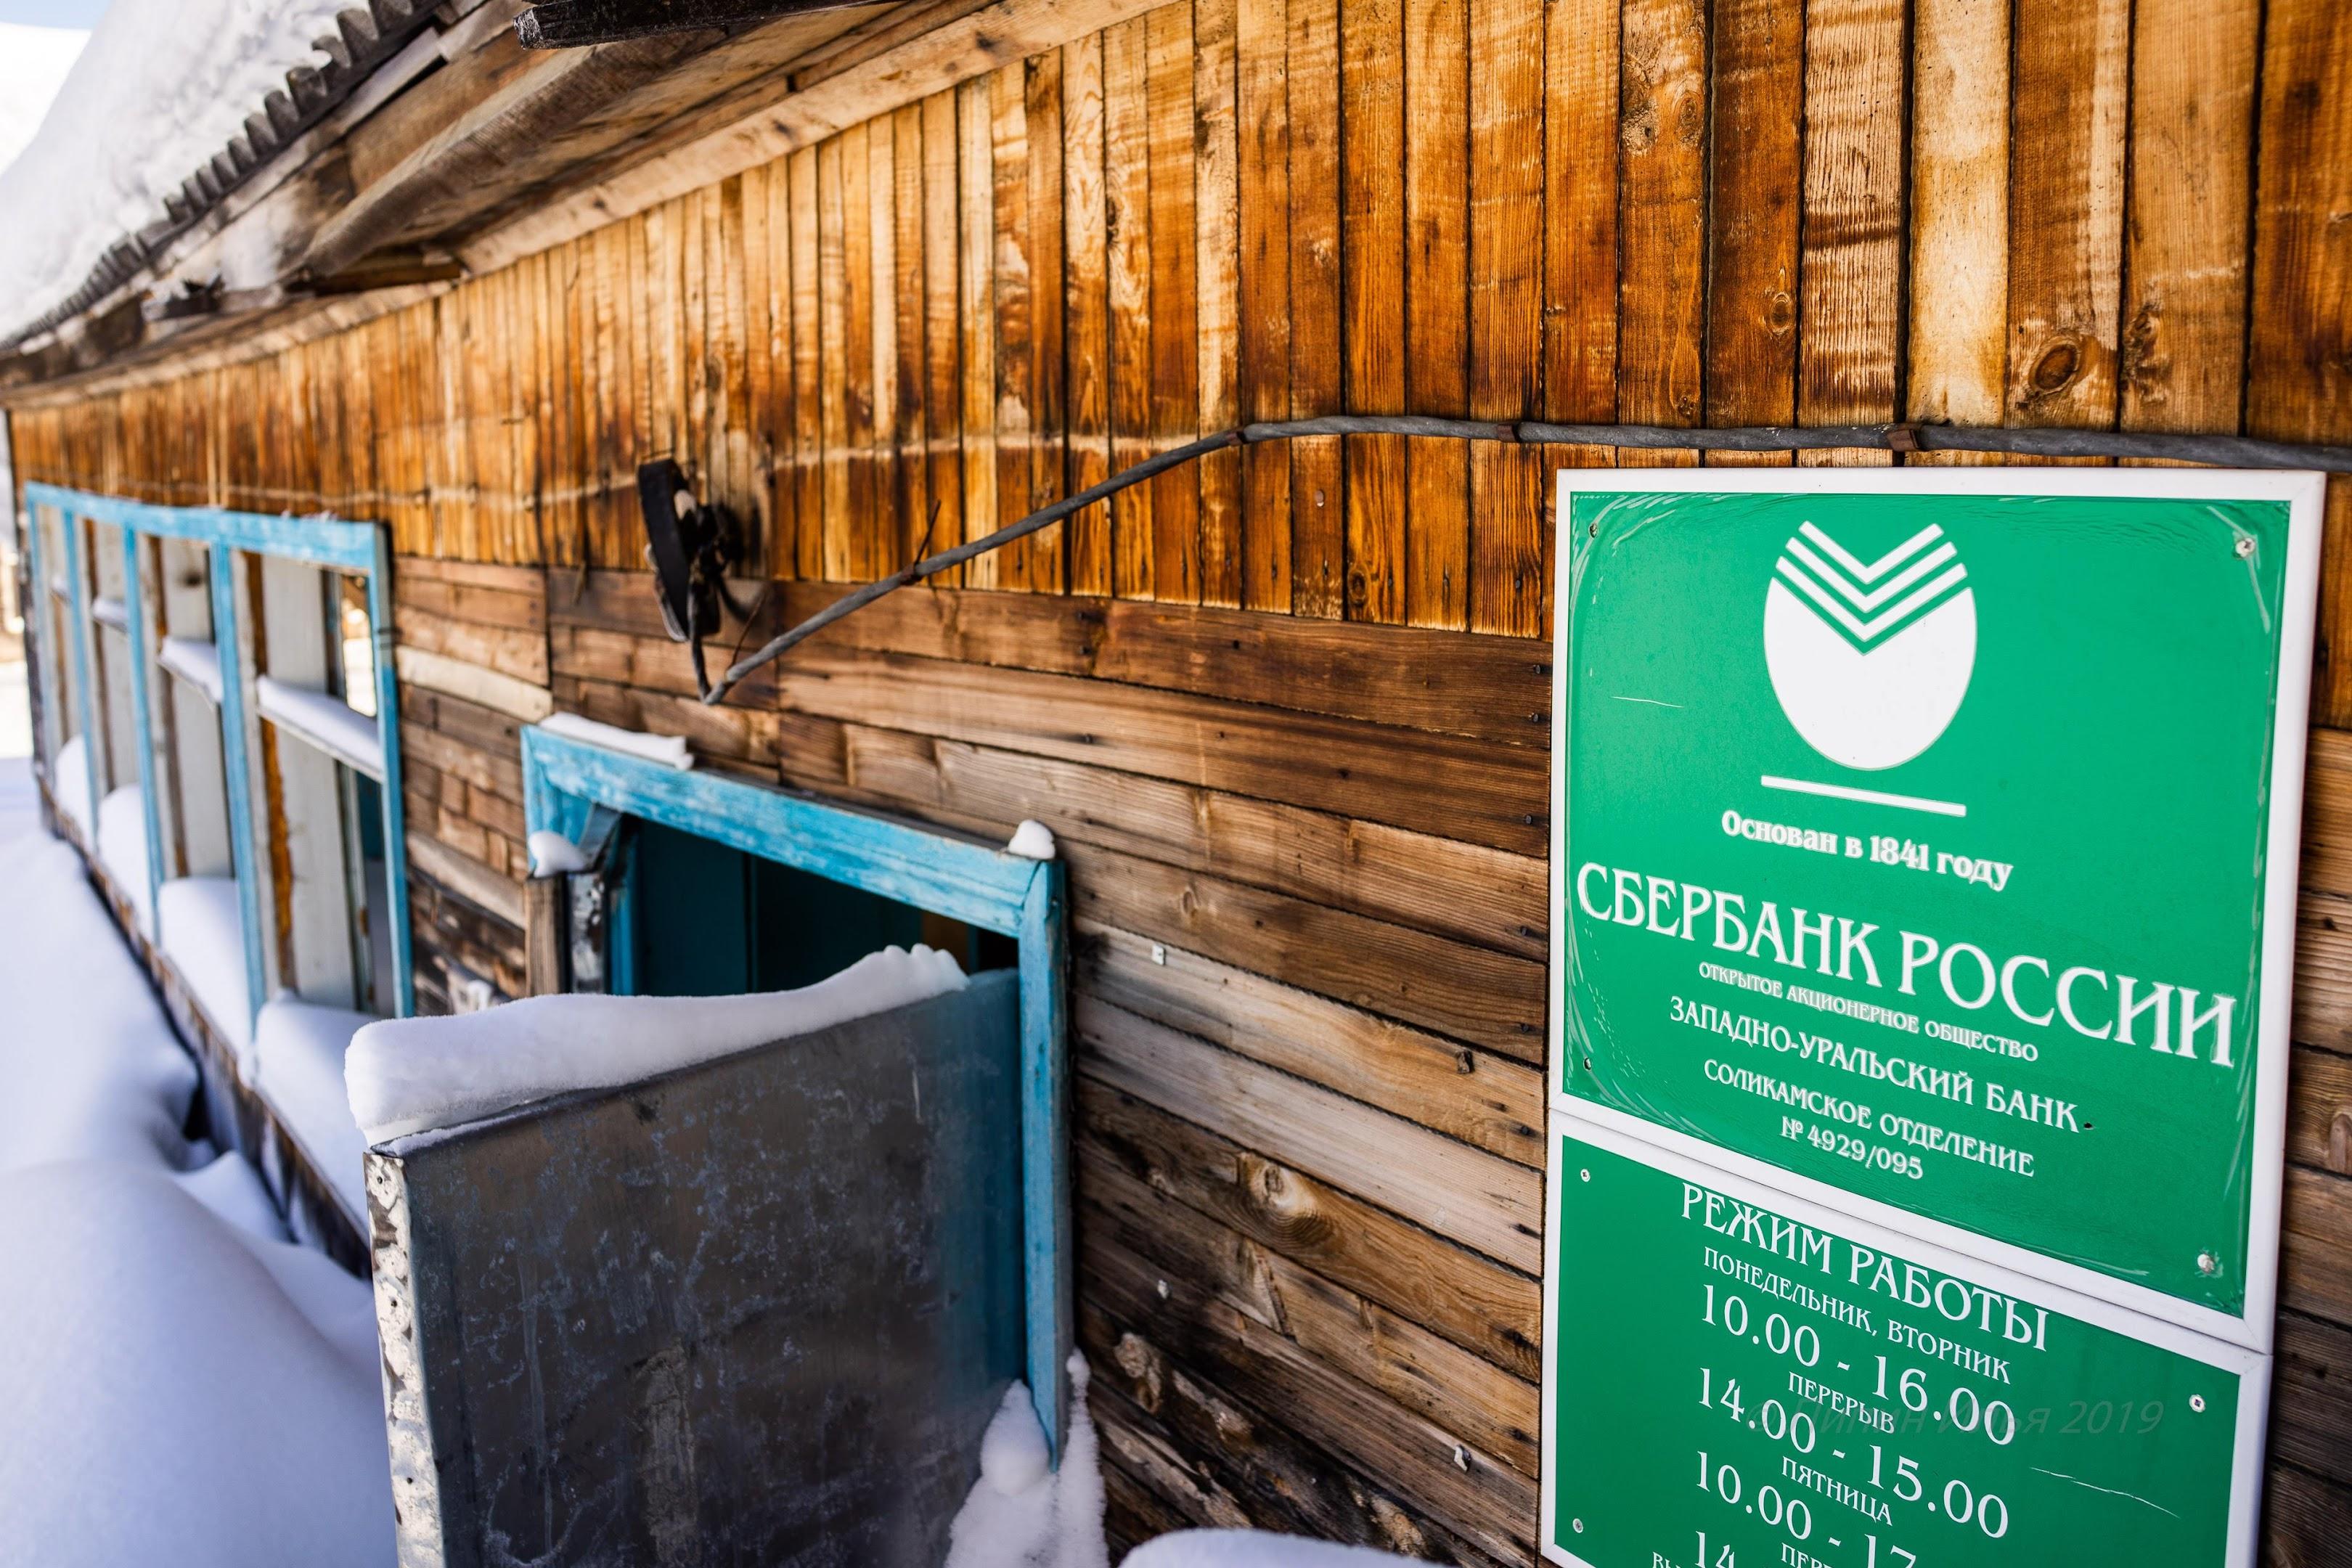 Сбербанк России. Не работает в поселке с 2014 года.